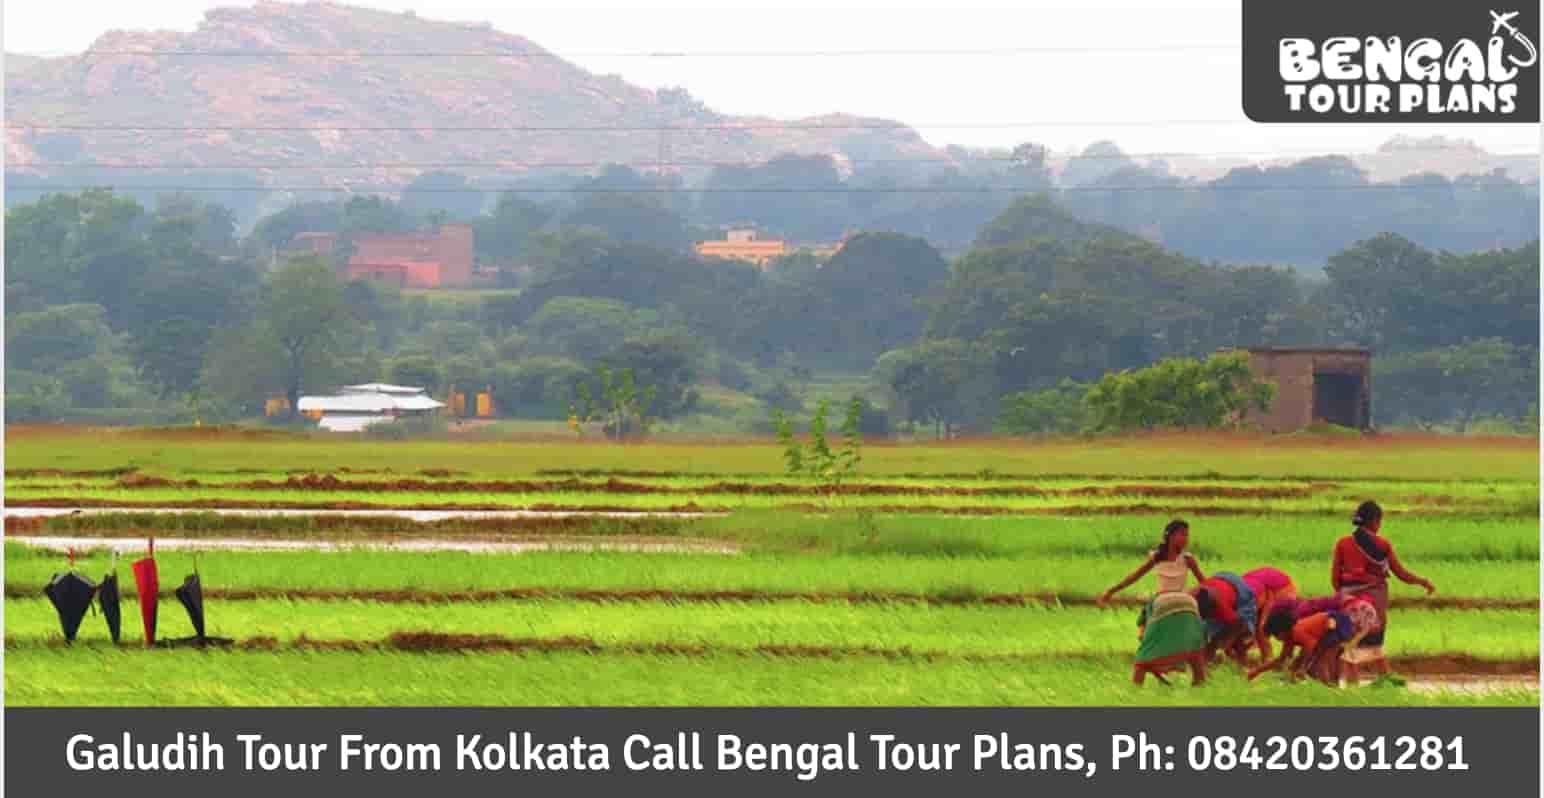 Galudih Tour From Kolkata